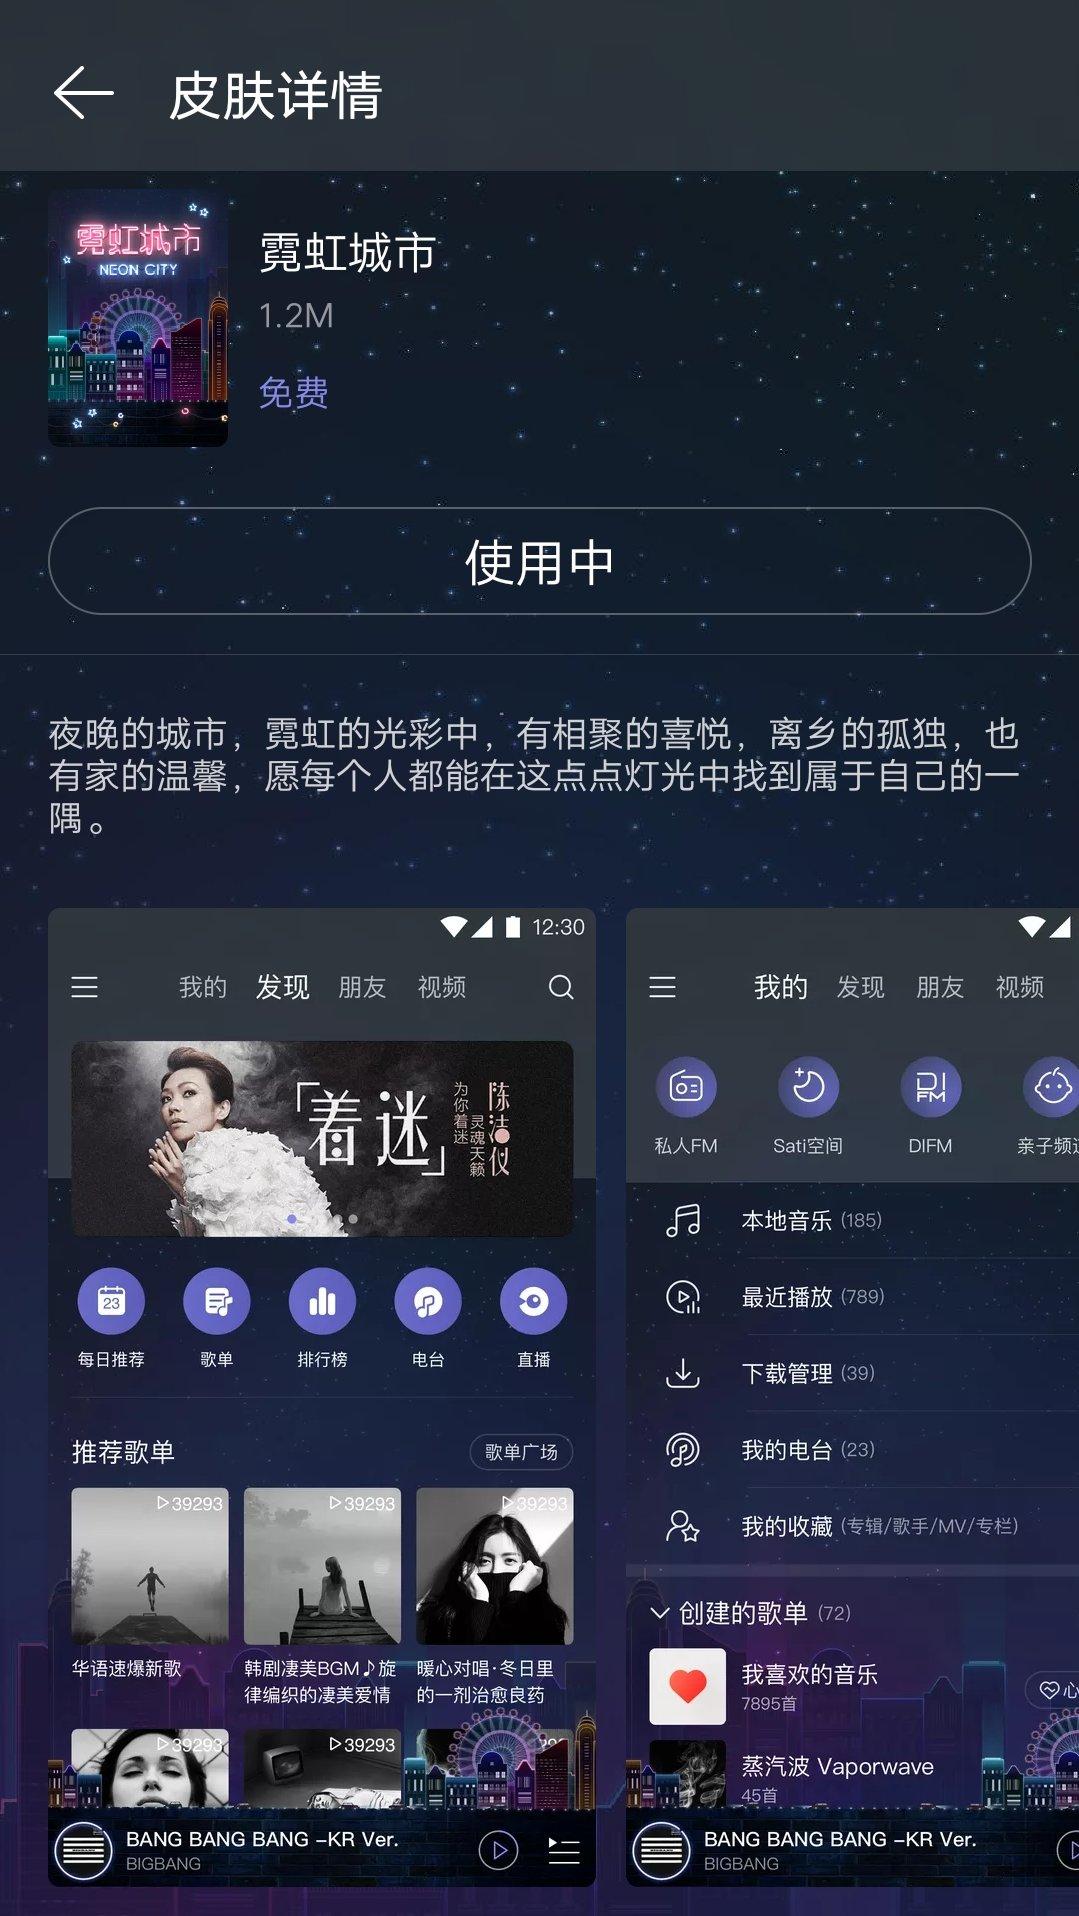 网易云音乐6.5.0去广告_破解版